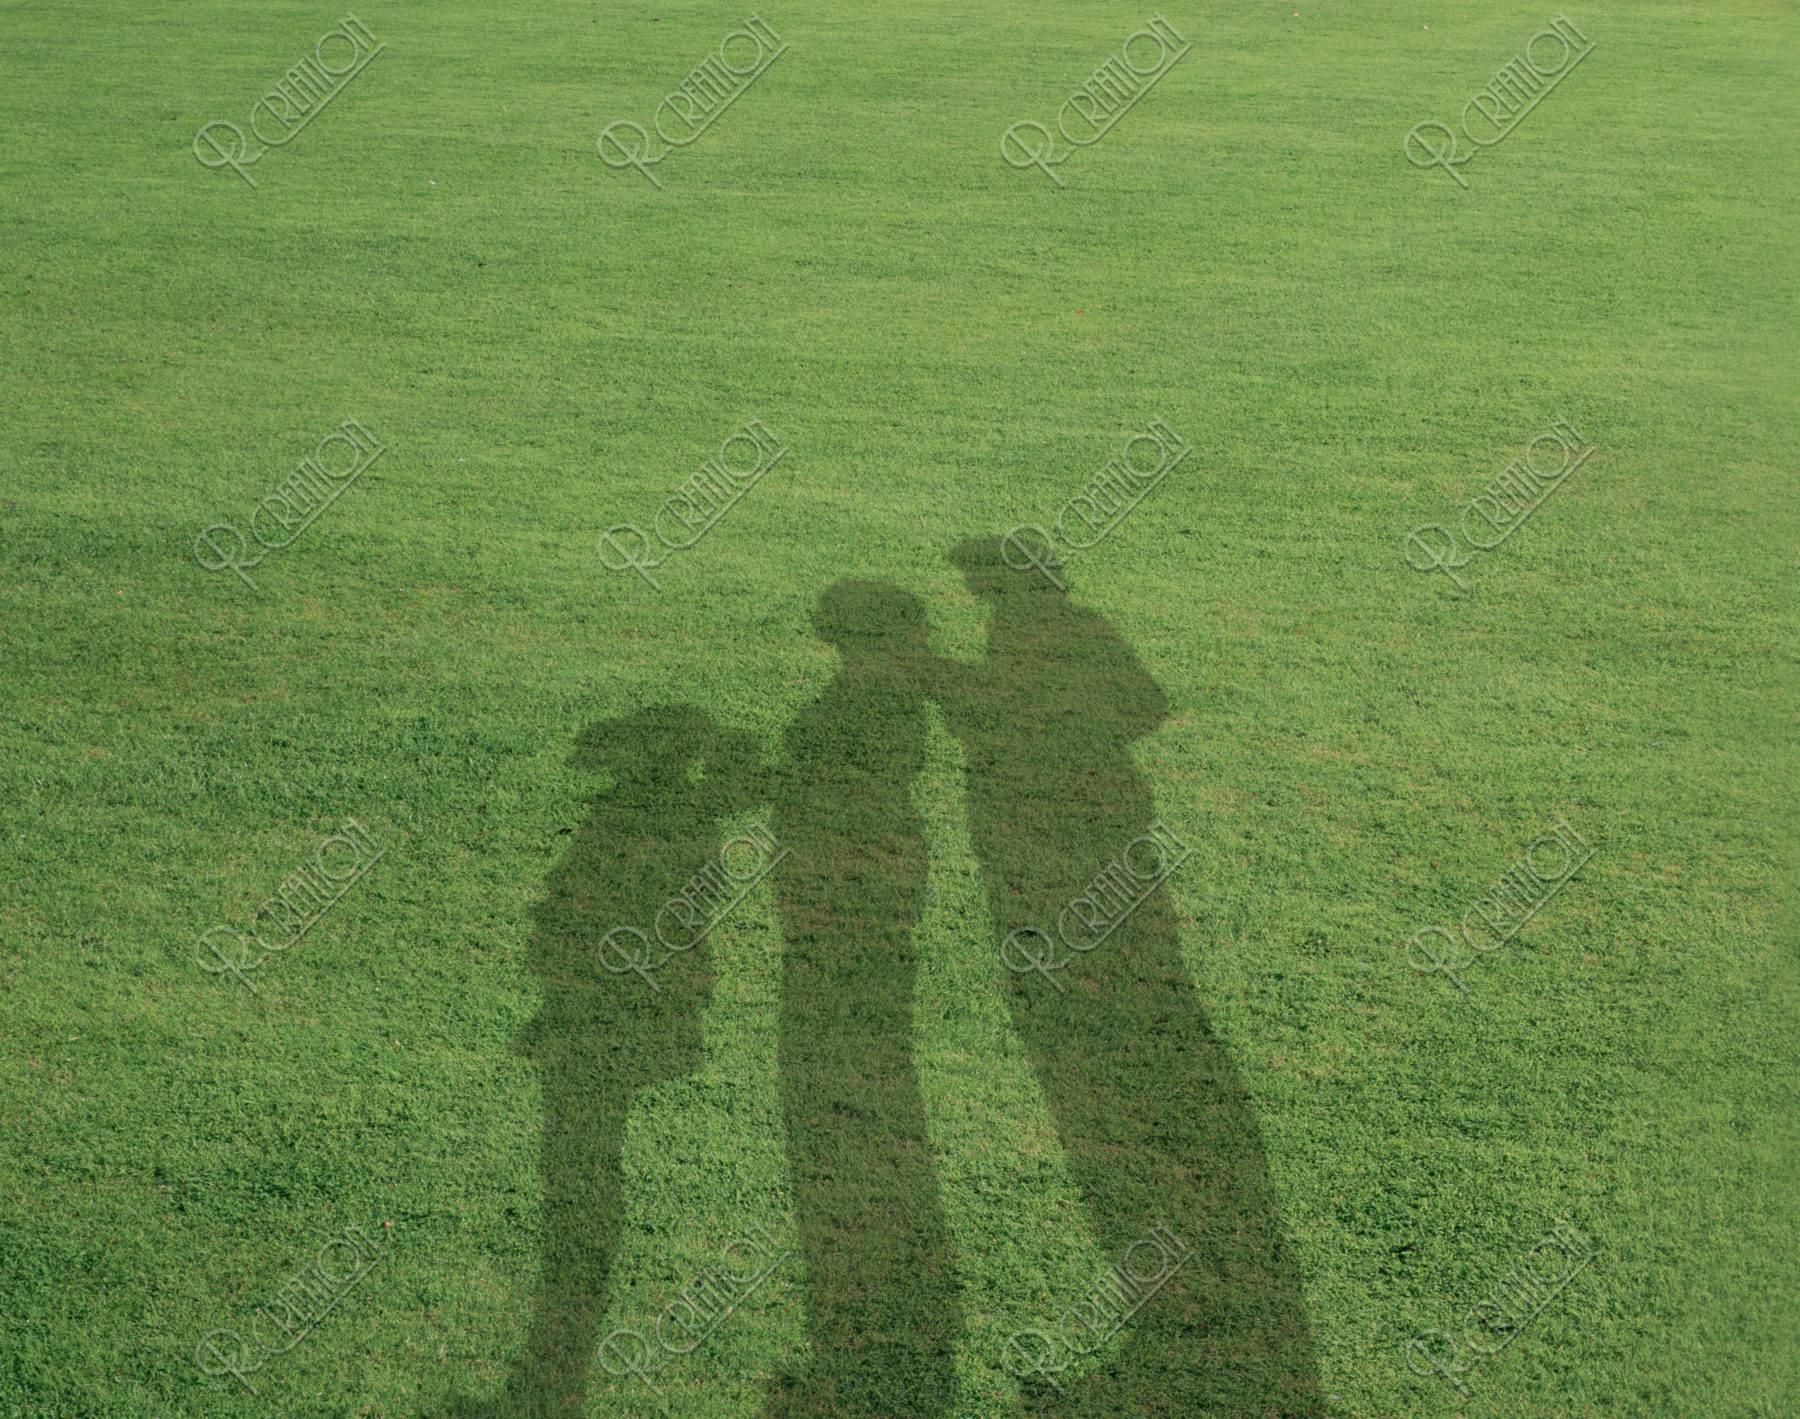 芝生 影 合成写真